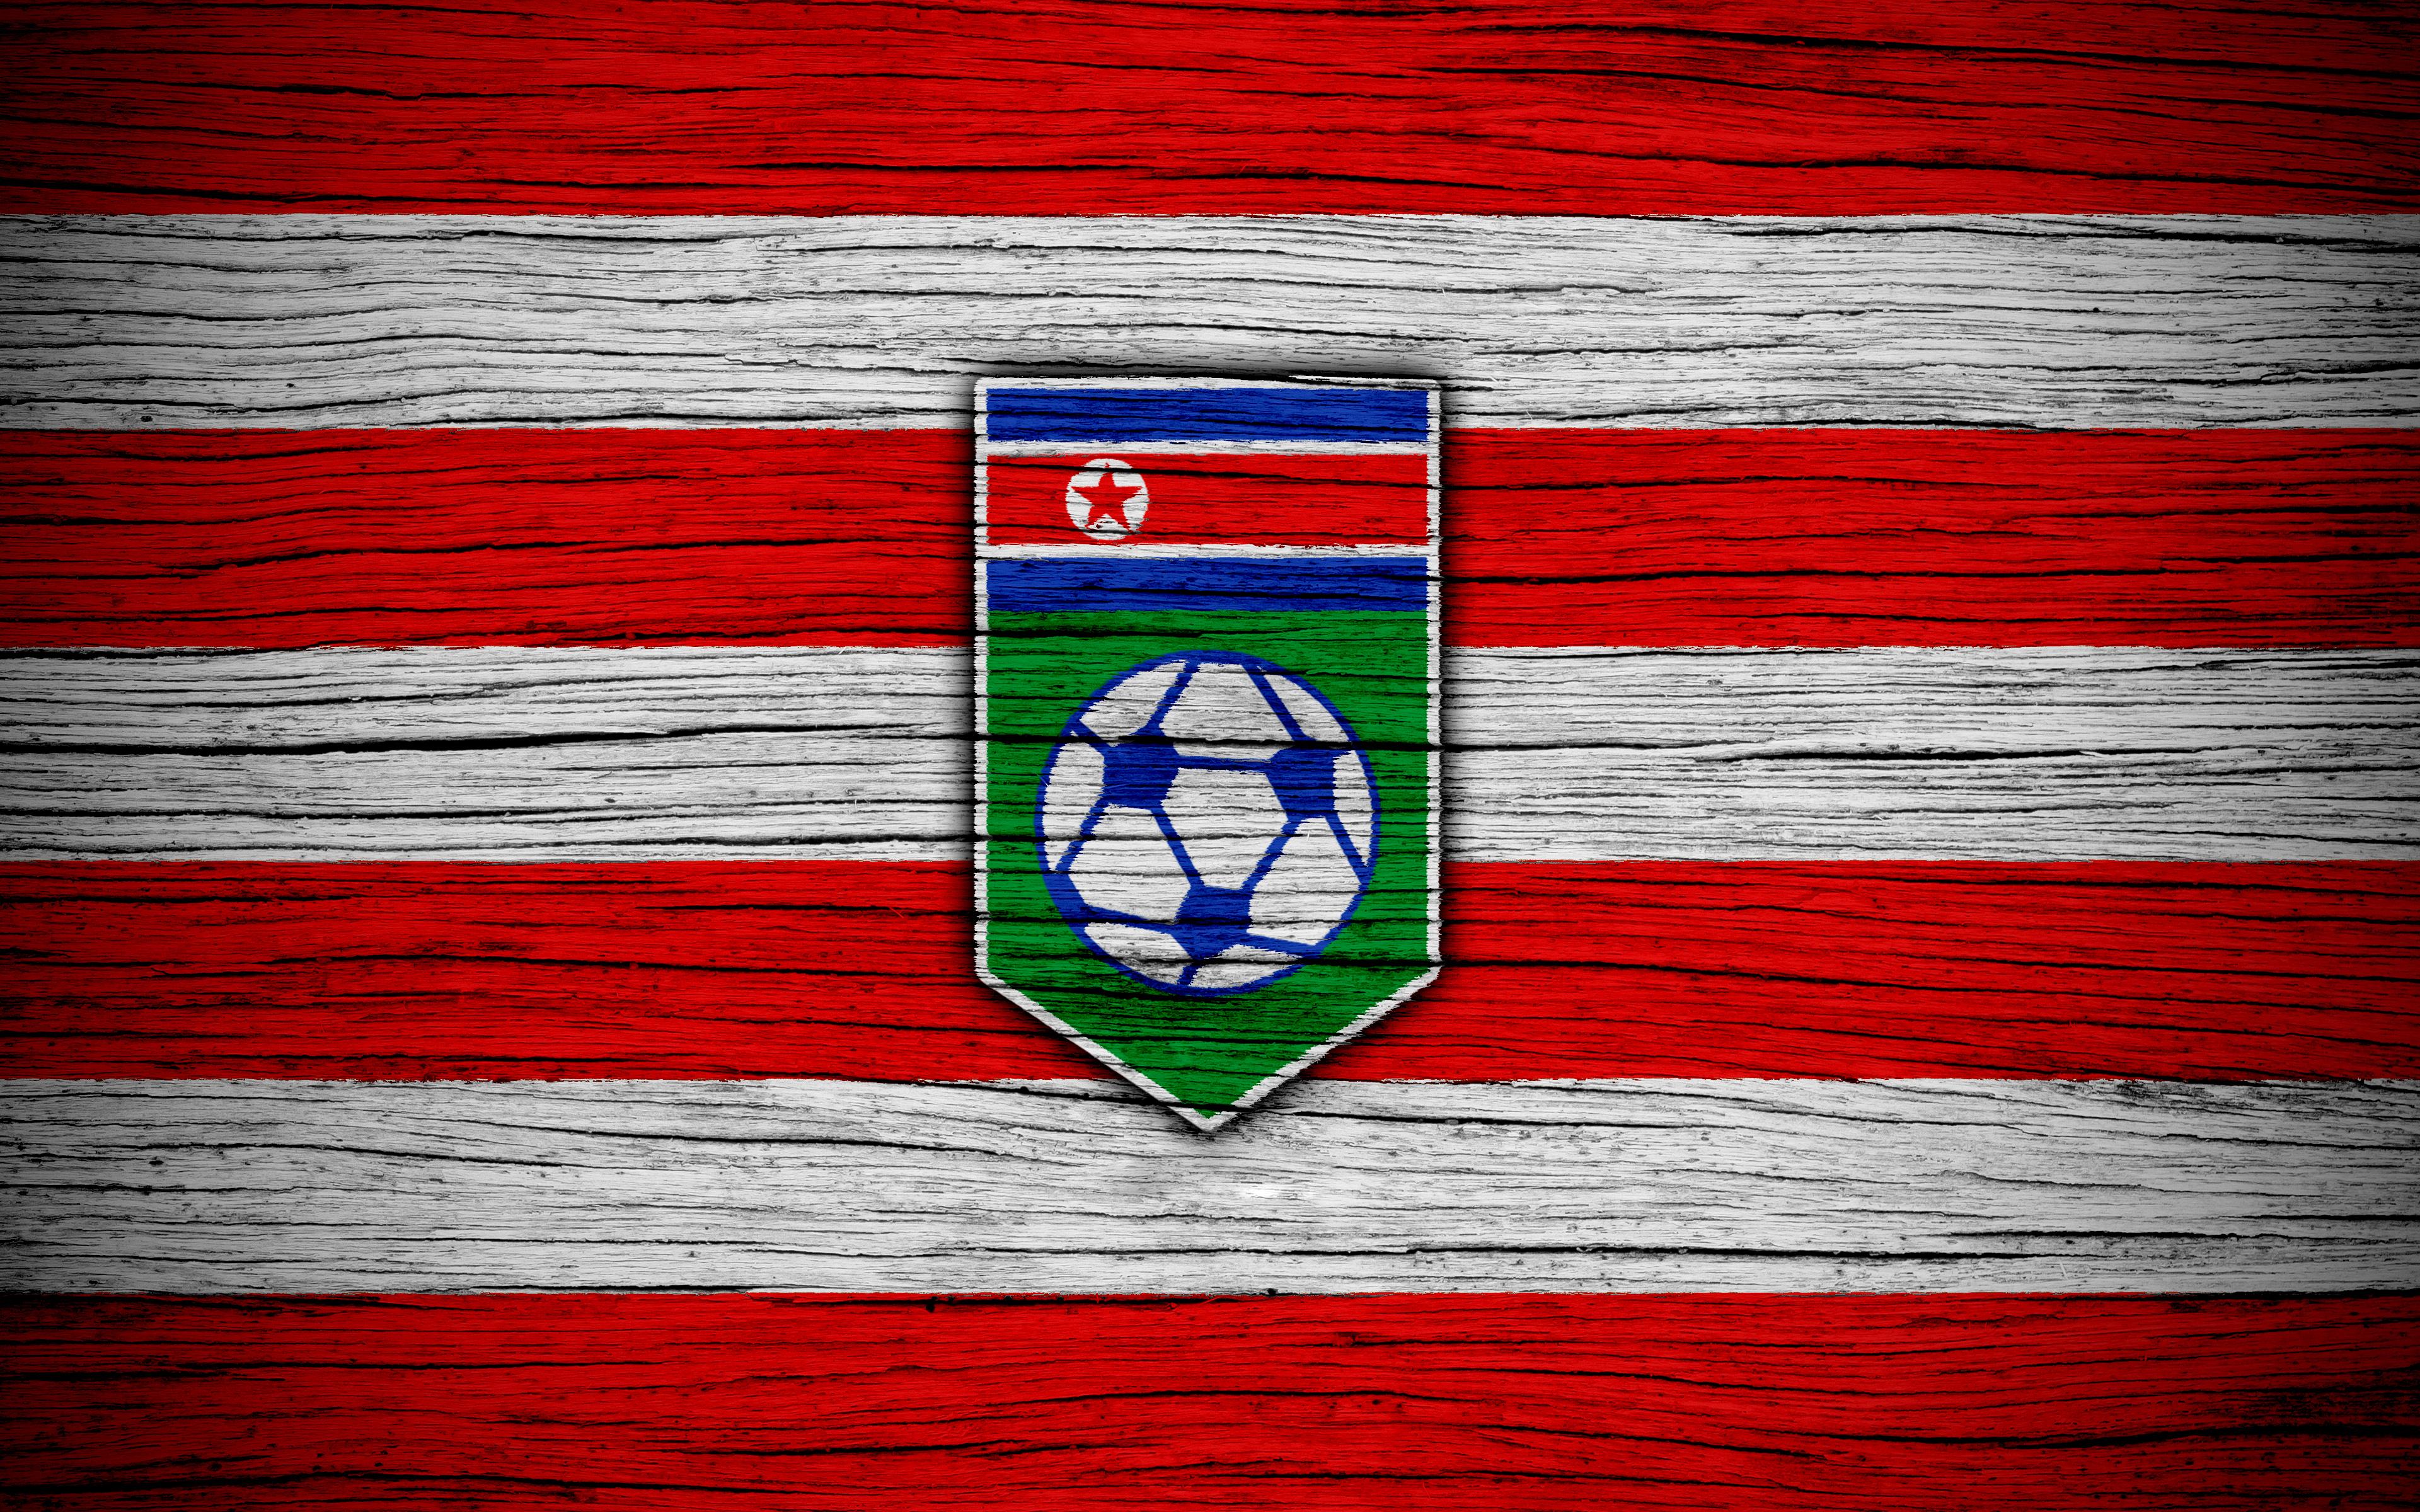 North Korea National Football Team Teams Background 5